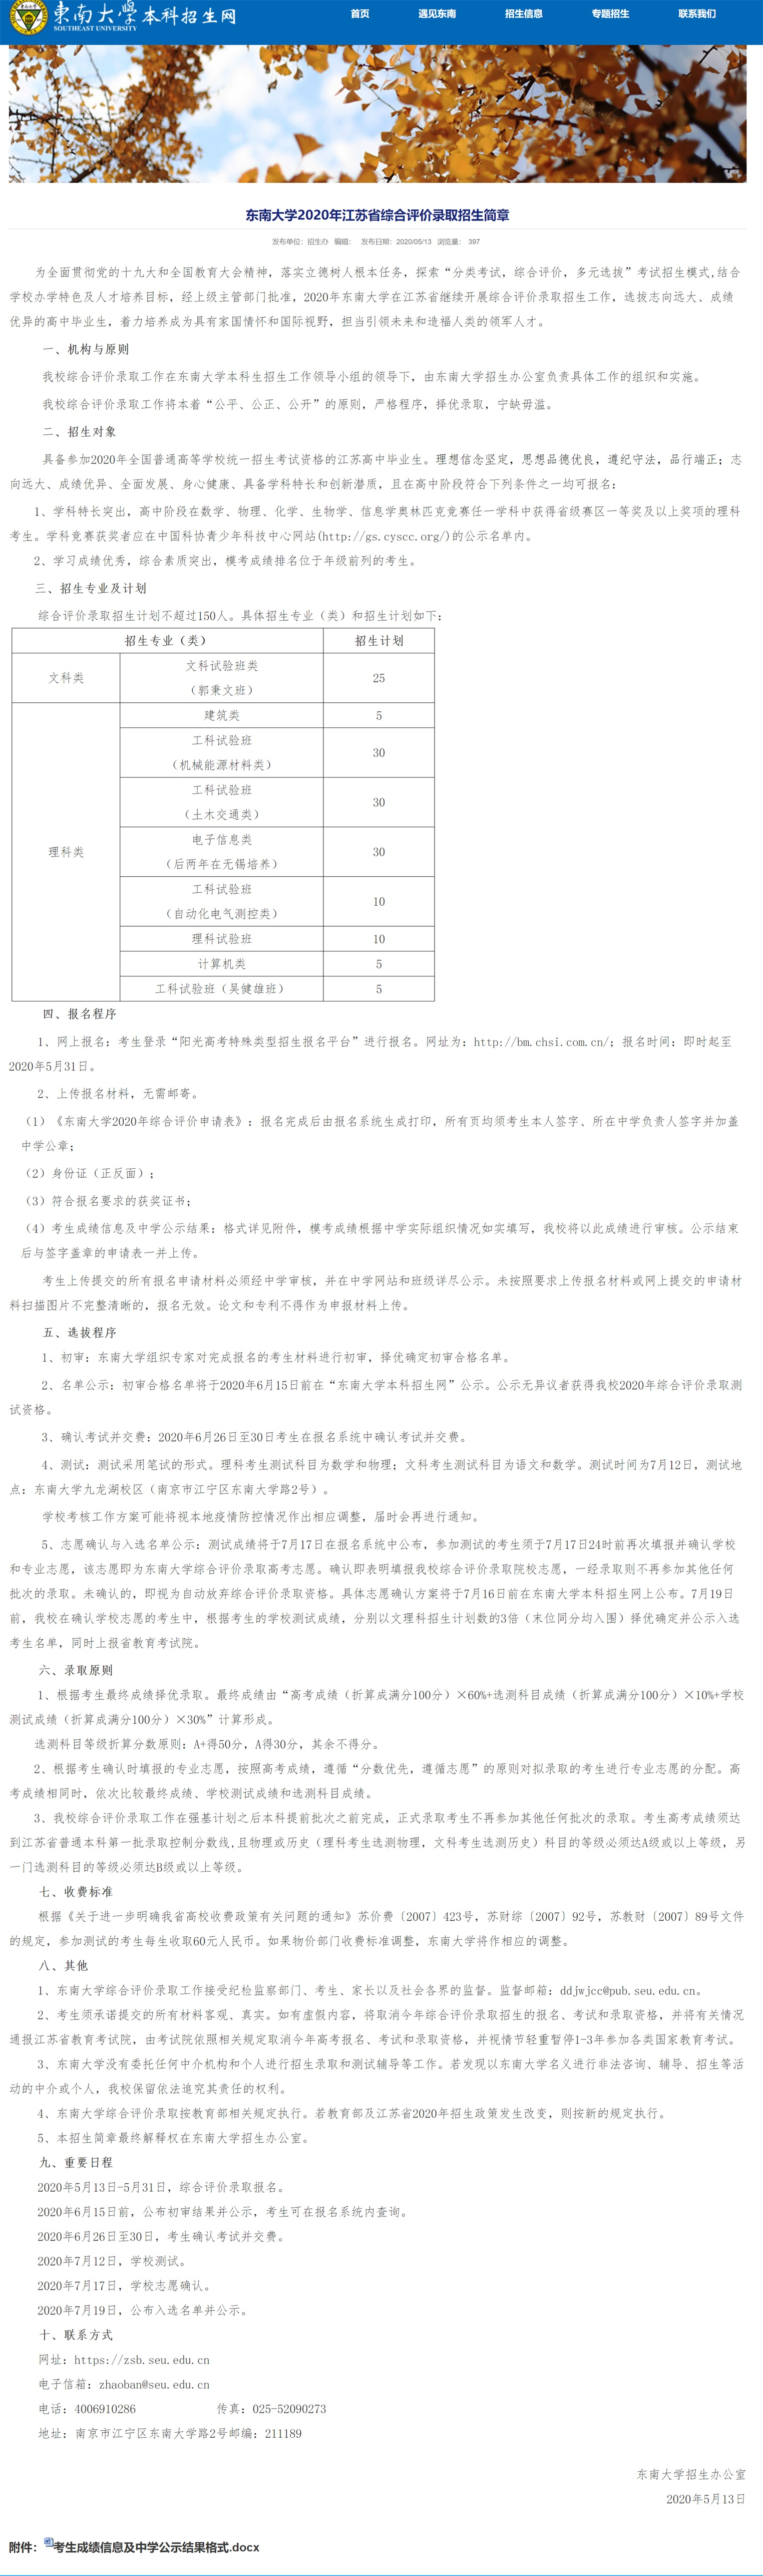 东南大学2020年江苏省综合评价录取招生简章【】2.jpg